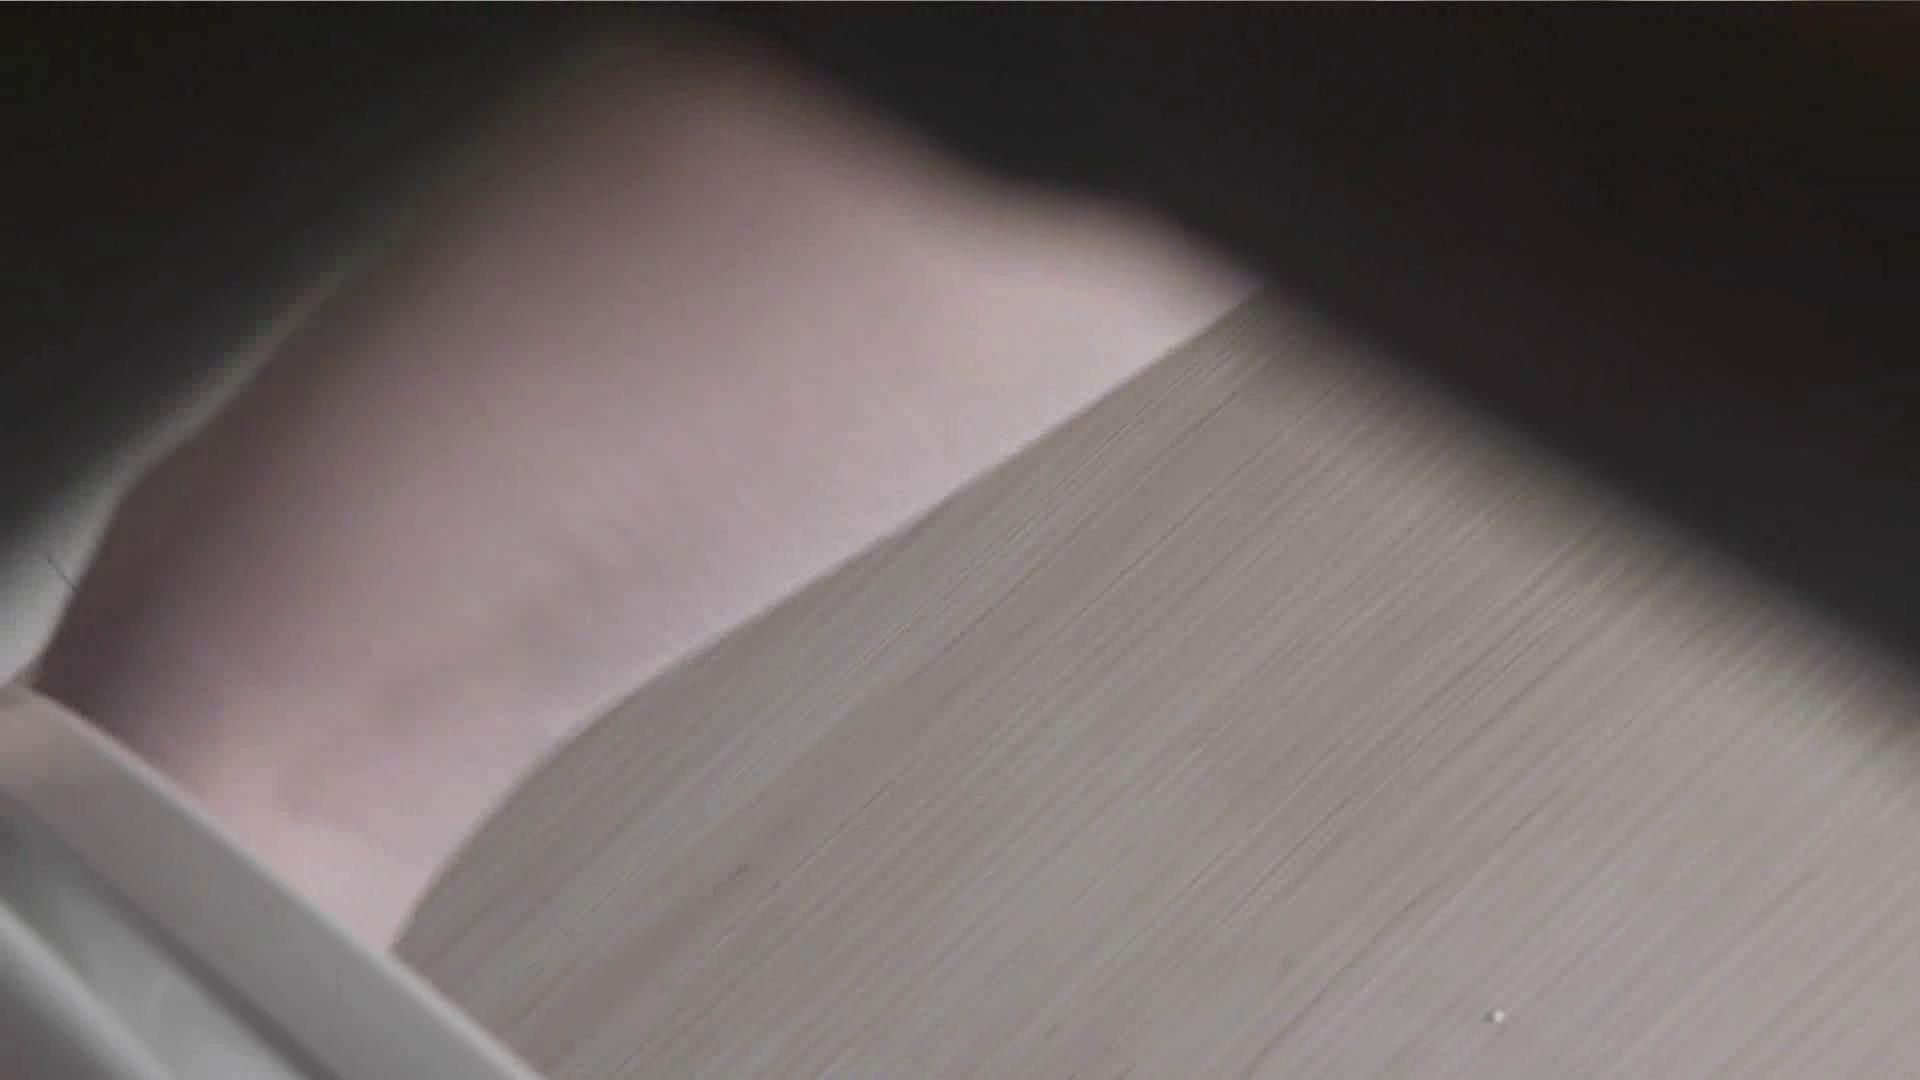 阿国ちゃんの「和式洋式七変化」No.15 丸見え ワレメ無修正動画無料 50画像 9